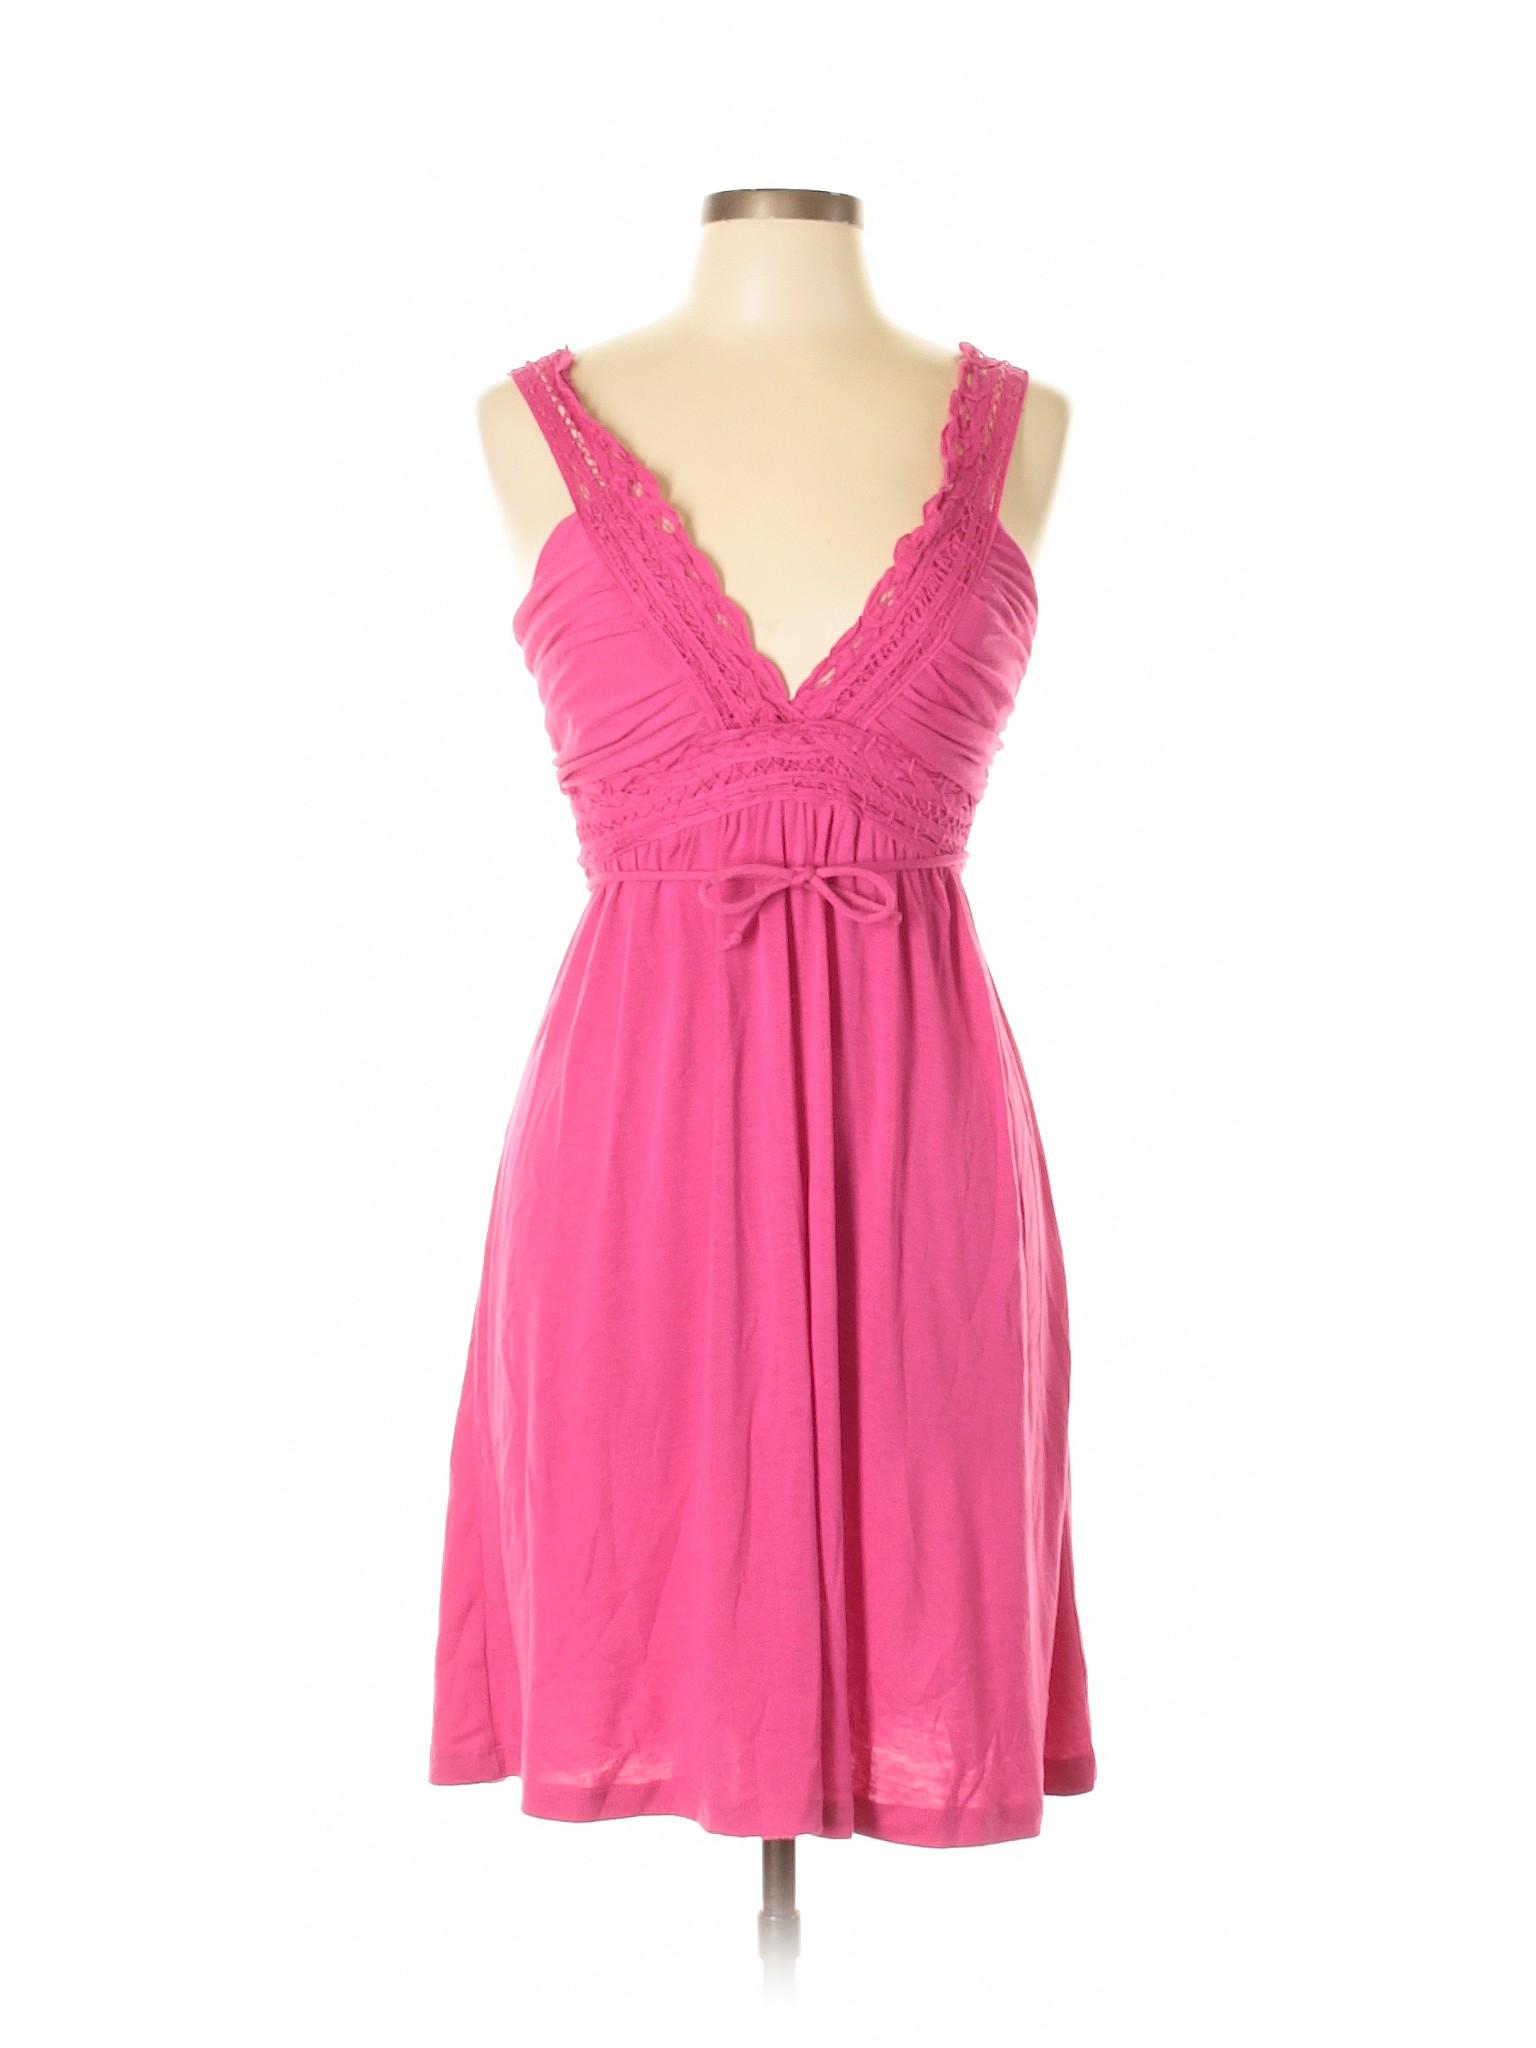 winter Casual Dress Boutique Boutique Dress Boutique winter JFW Casual JFW winter qR56nt6